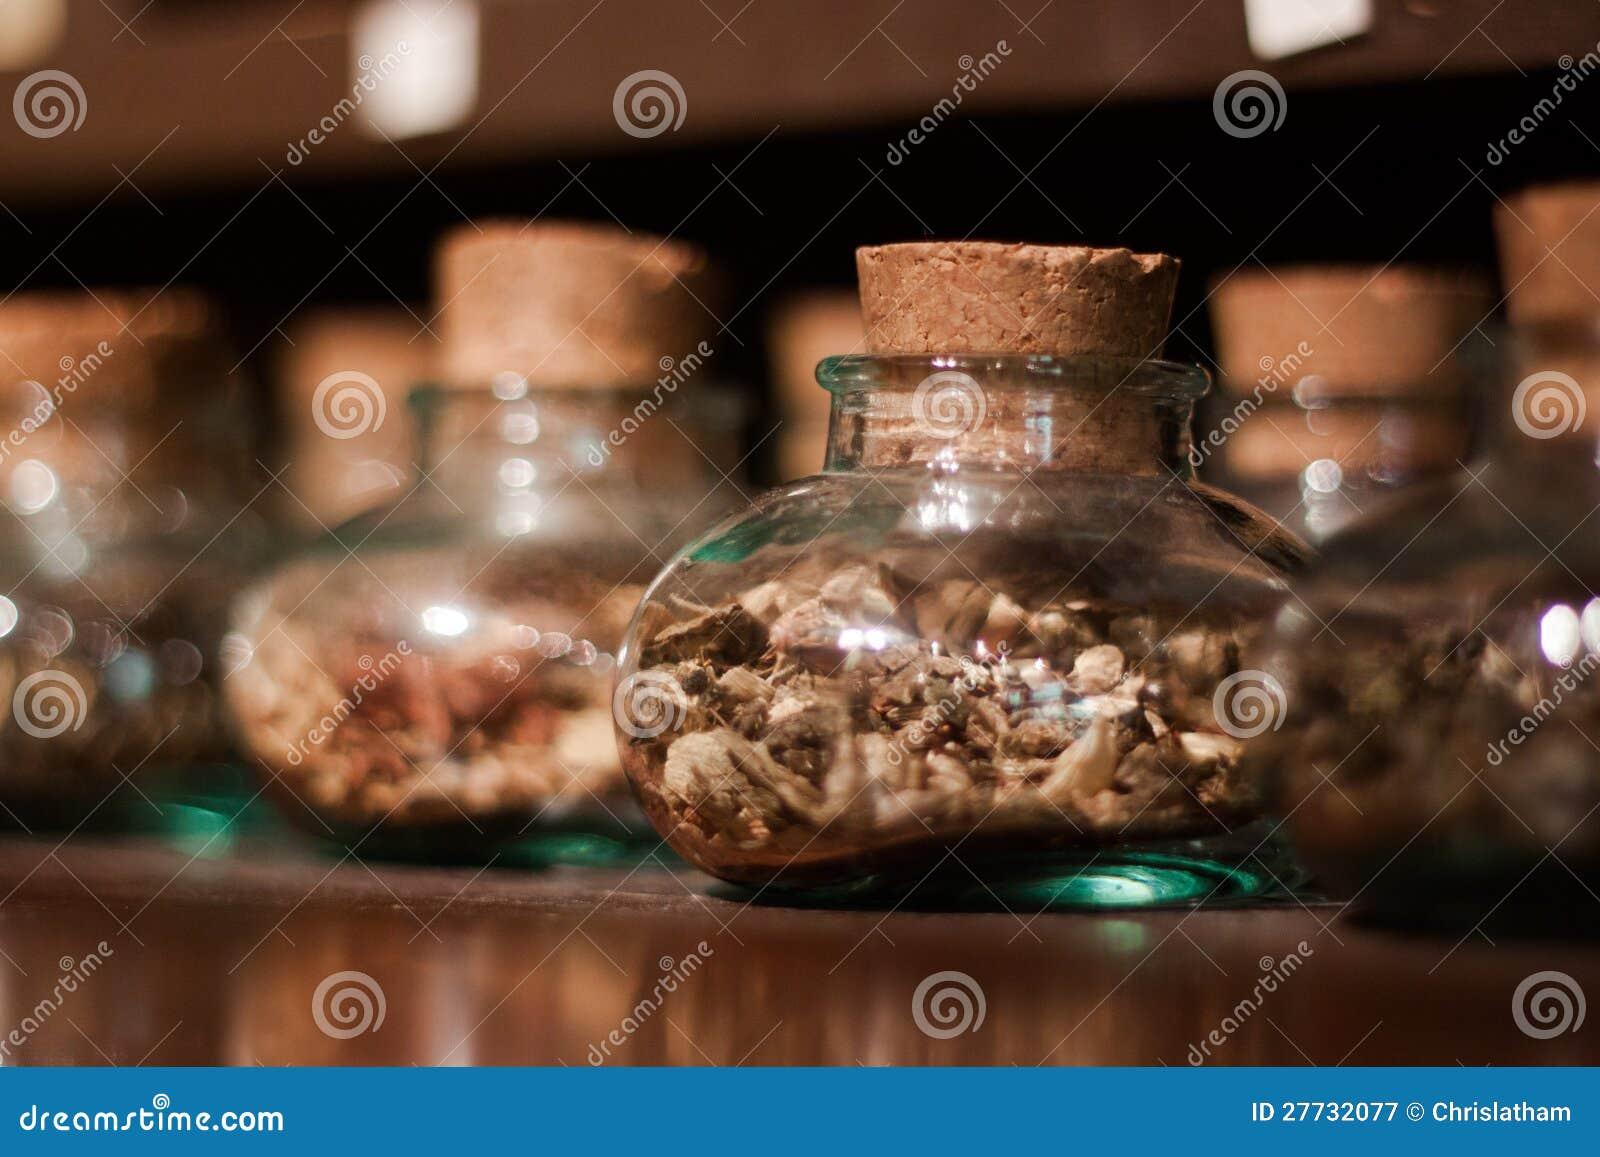 Glasgläser mit Kräutern, Gewürzen und Tee